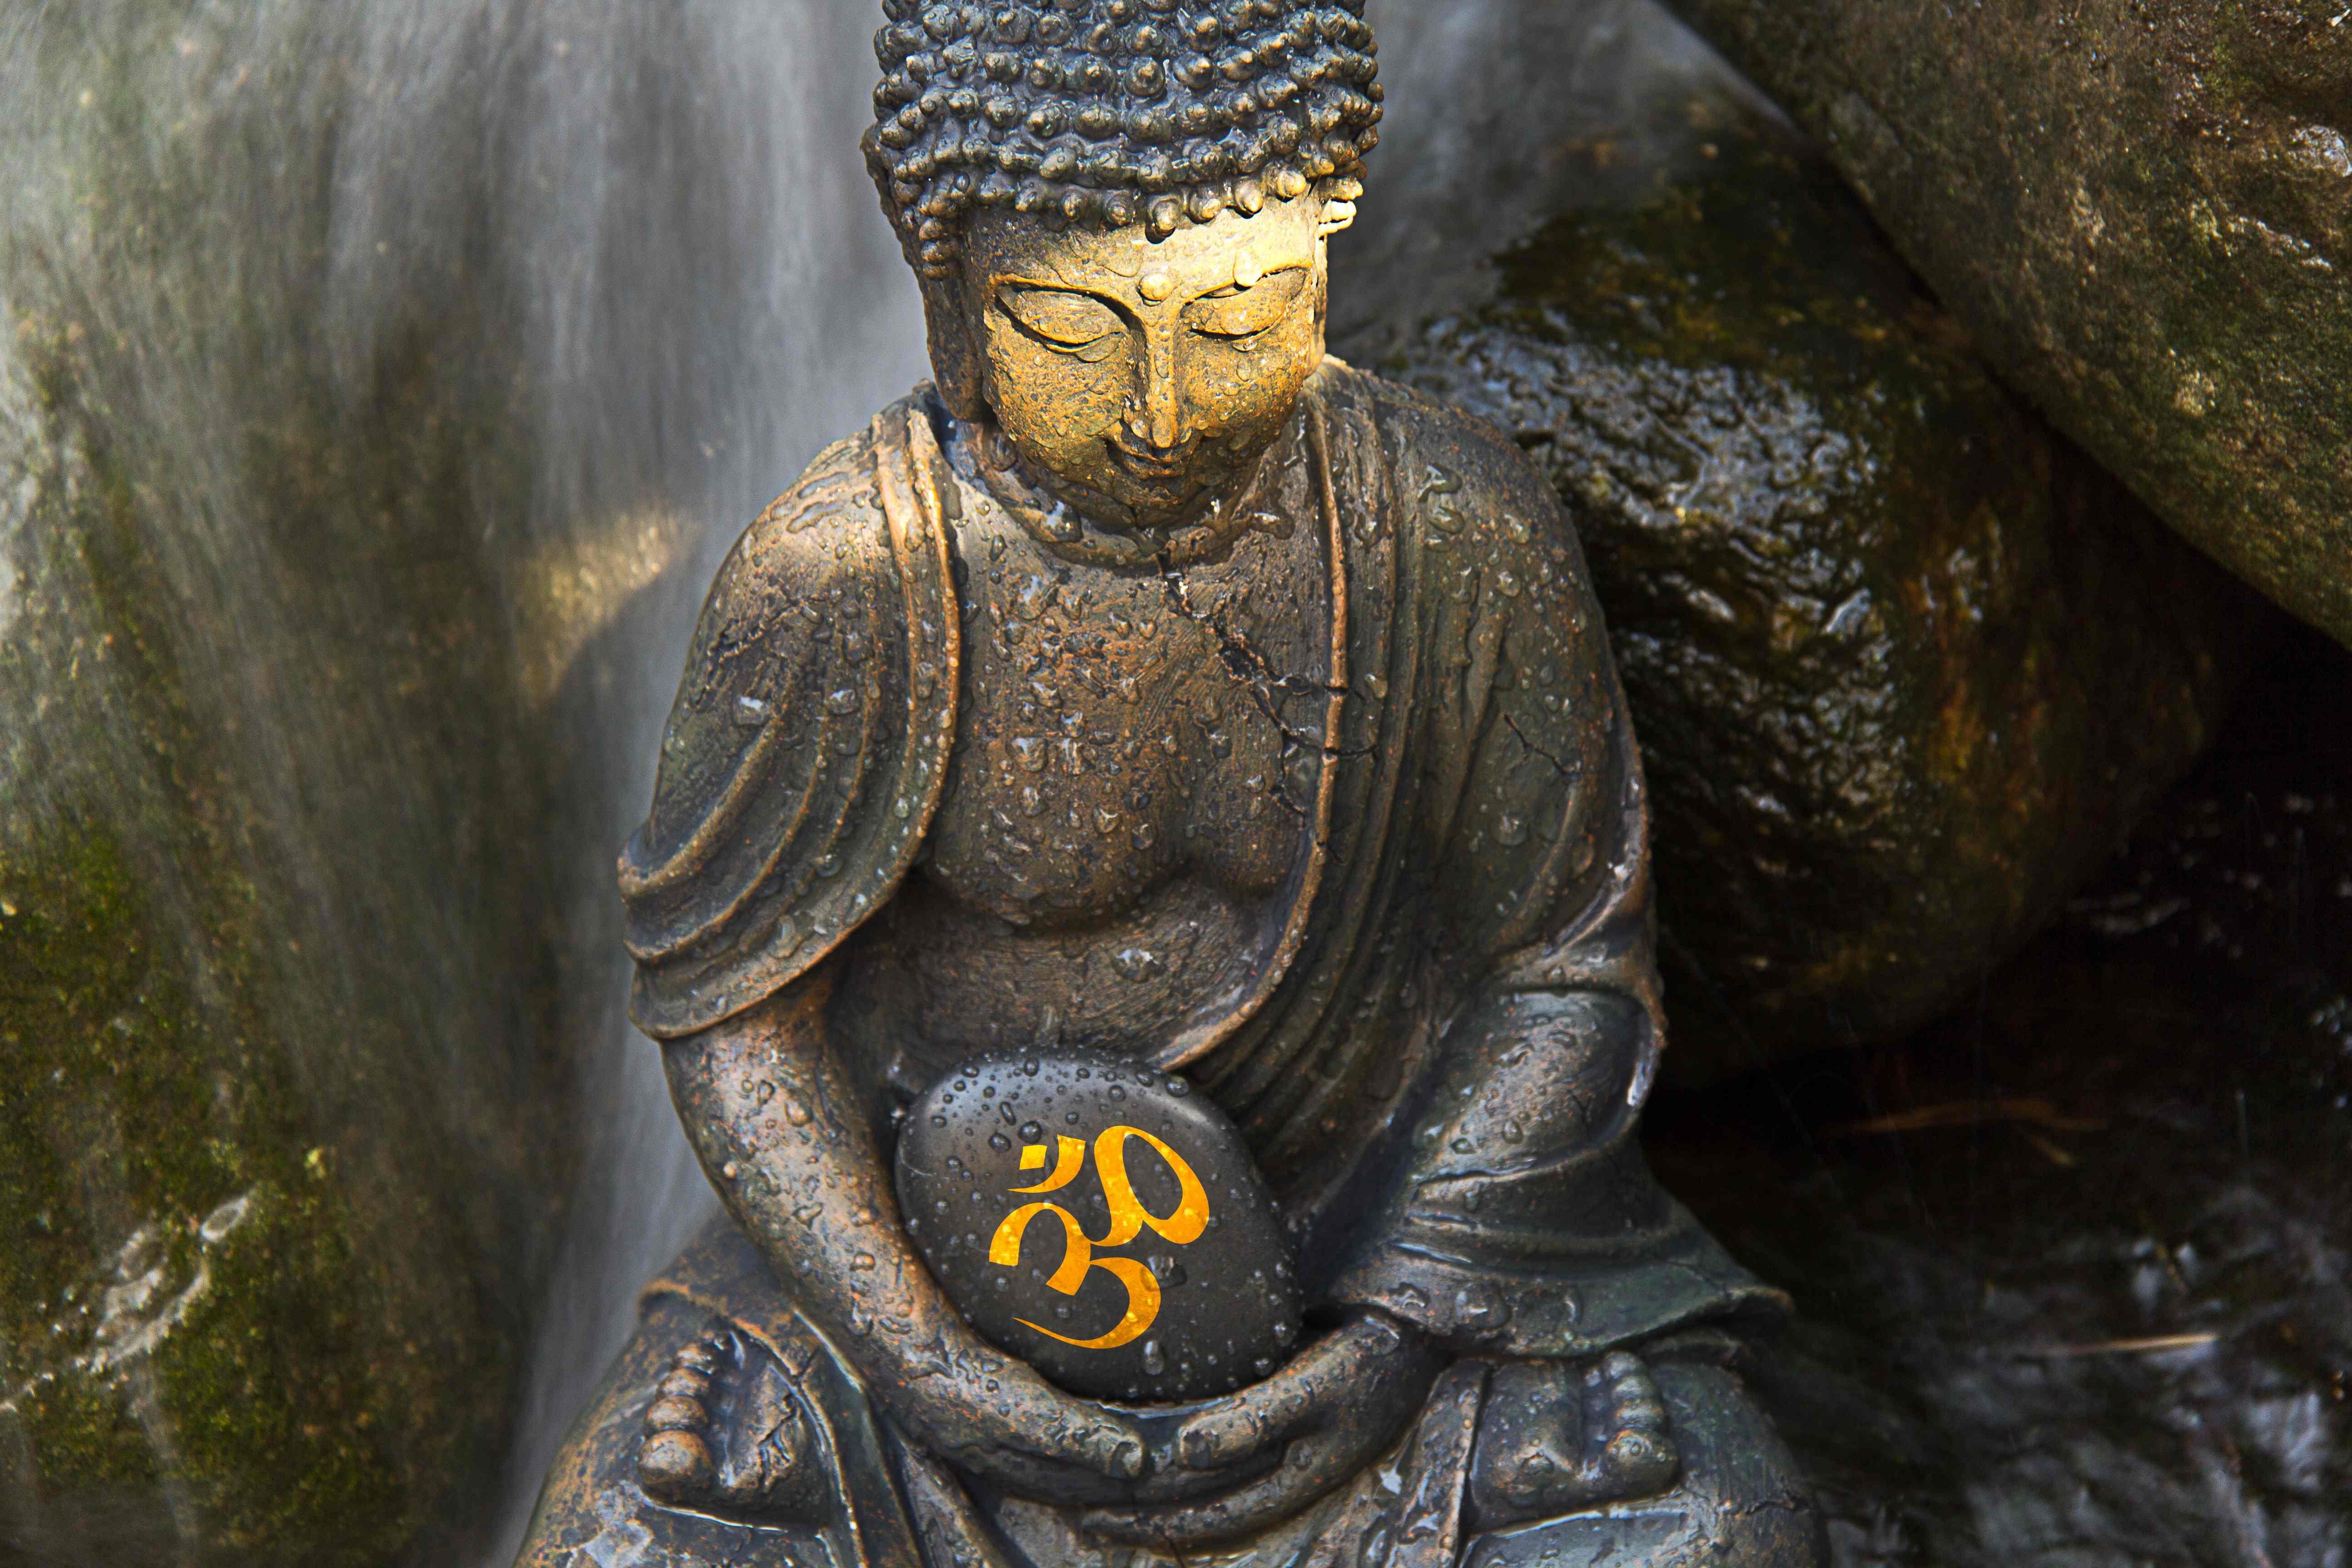 buddha-adobestock_73707119-compressed